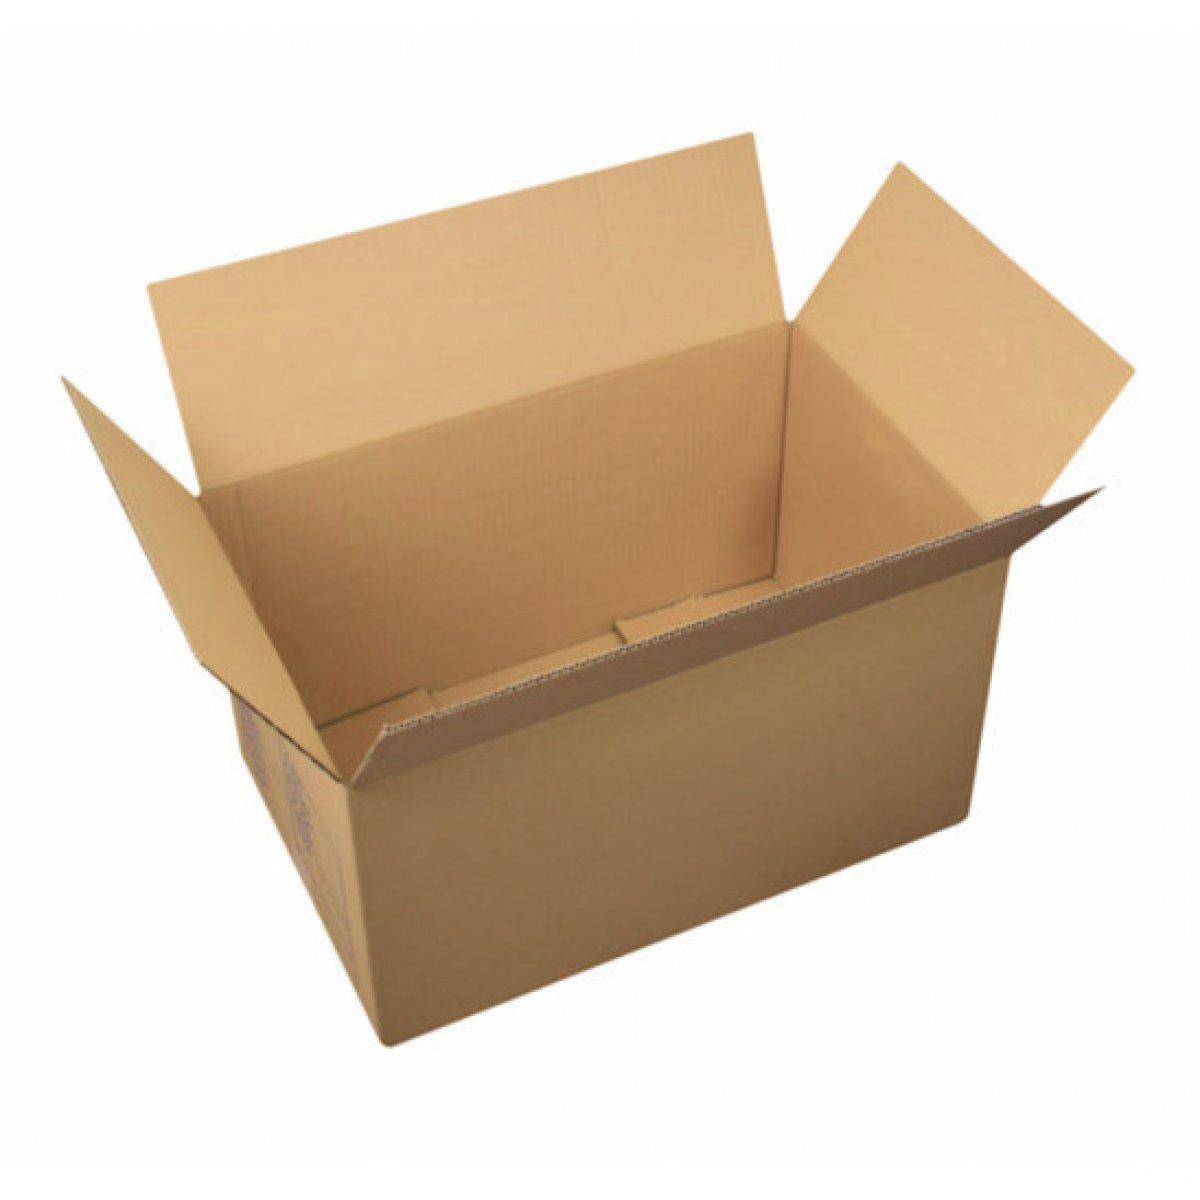 Déménagement : avez-vous besoin de réaliser un déménagement qui ne vous coûte pas cher?